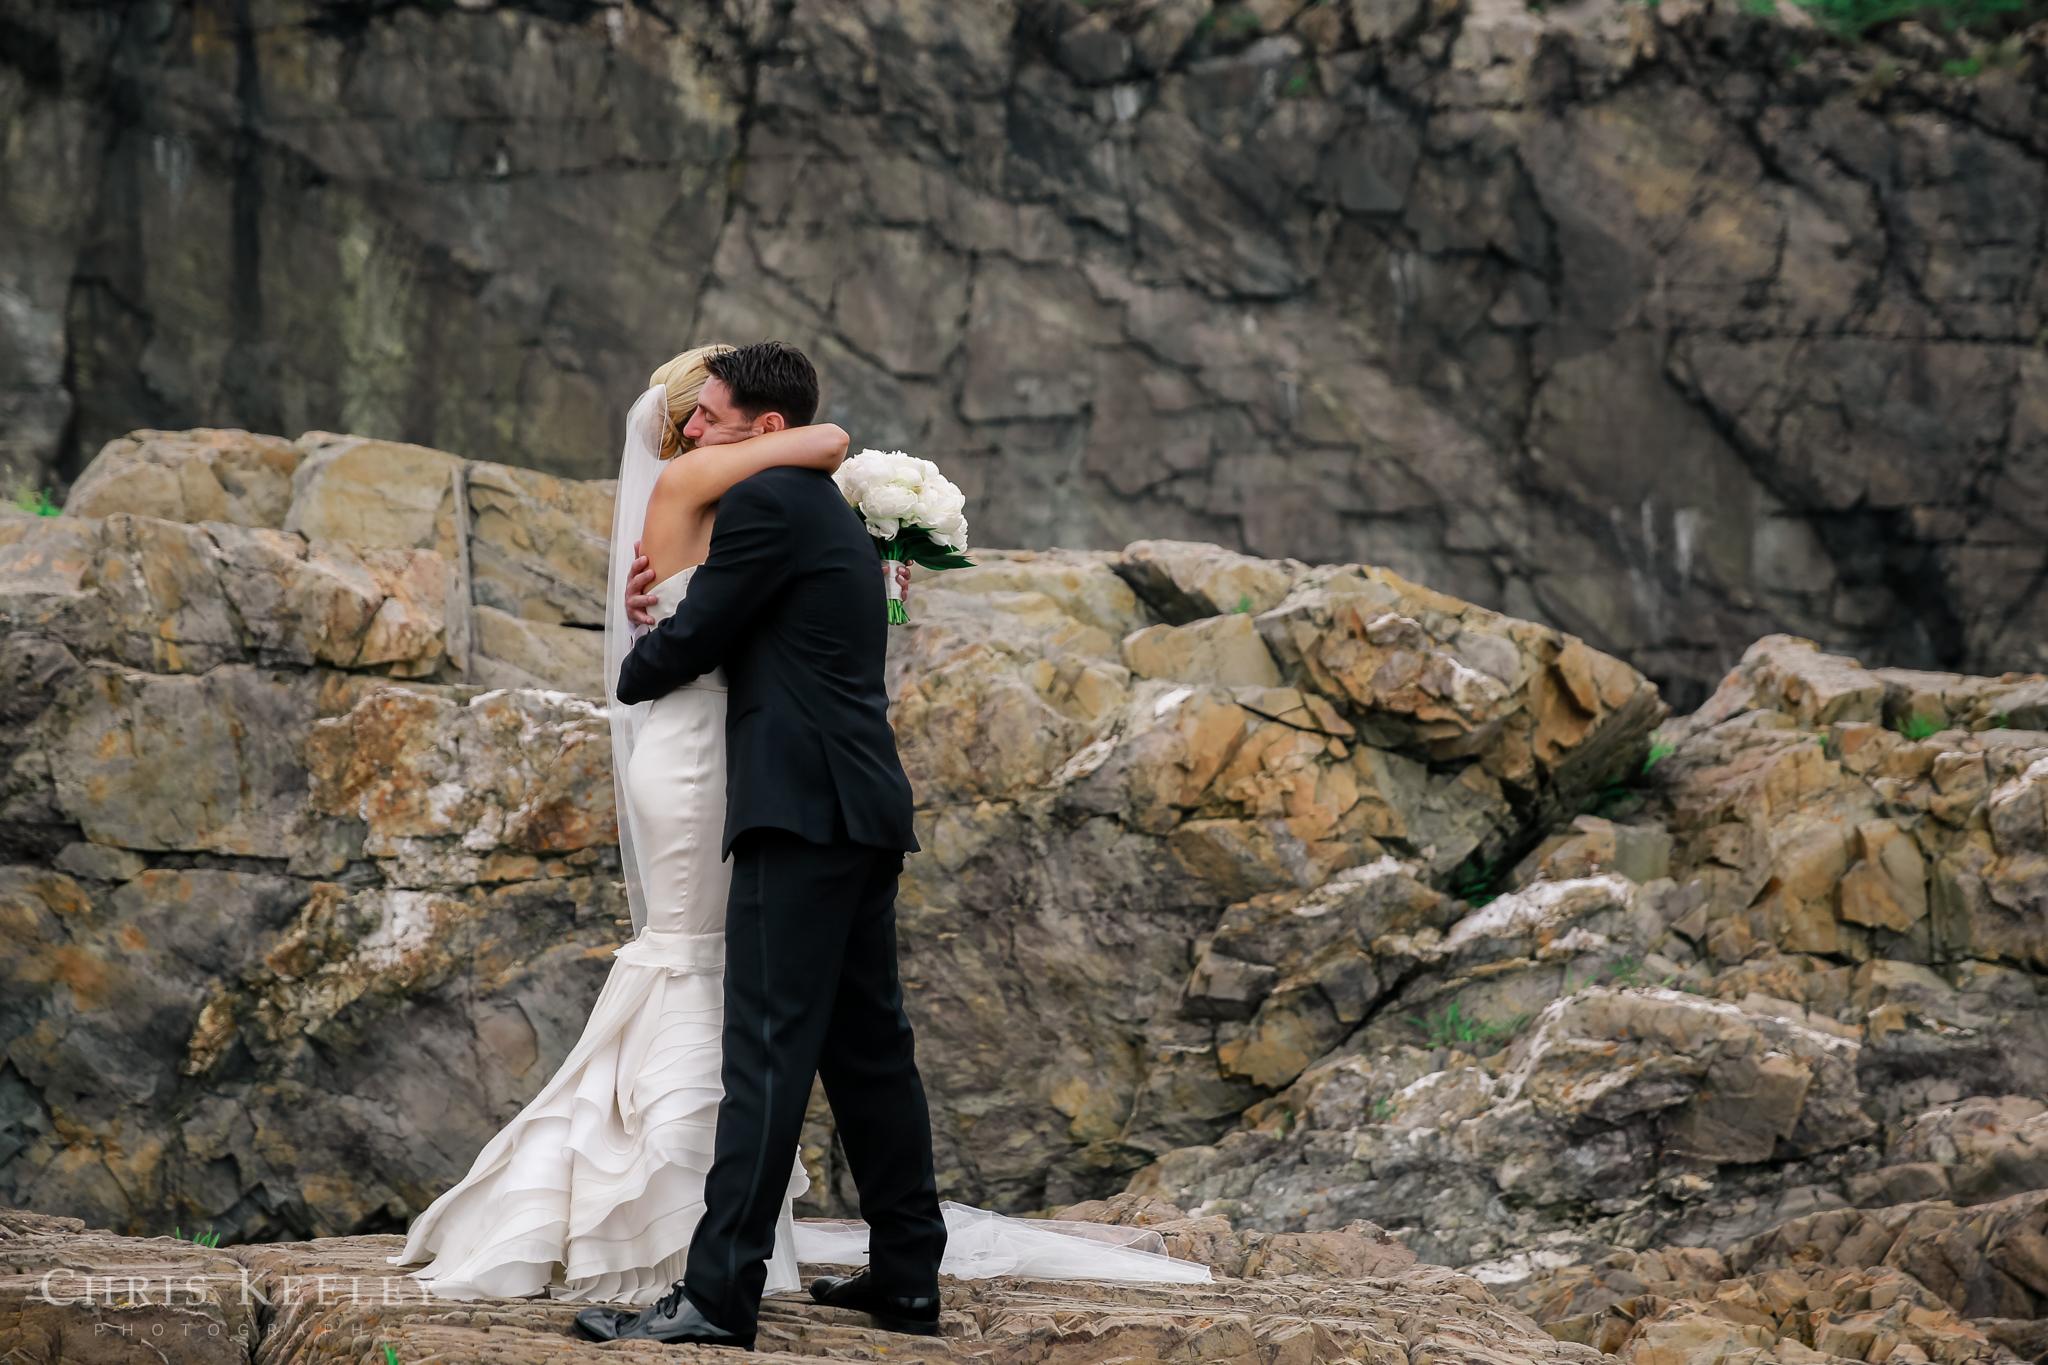 cliff-house-maine-wedding-photographer-chris-keeley-31.jpg